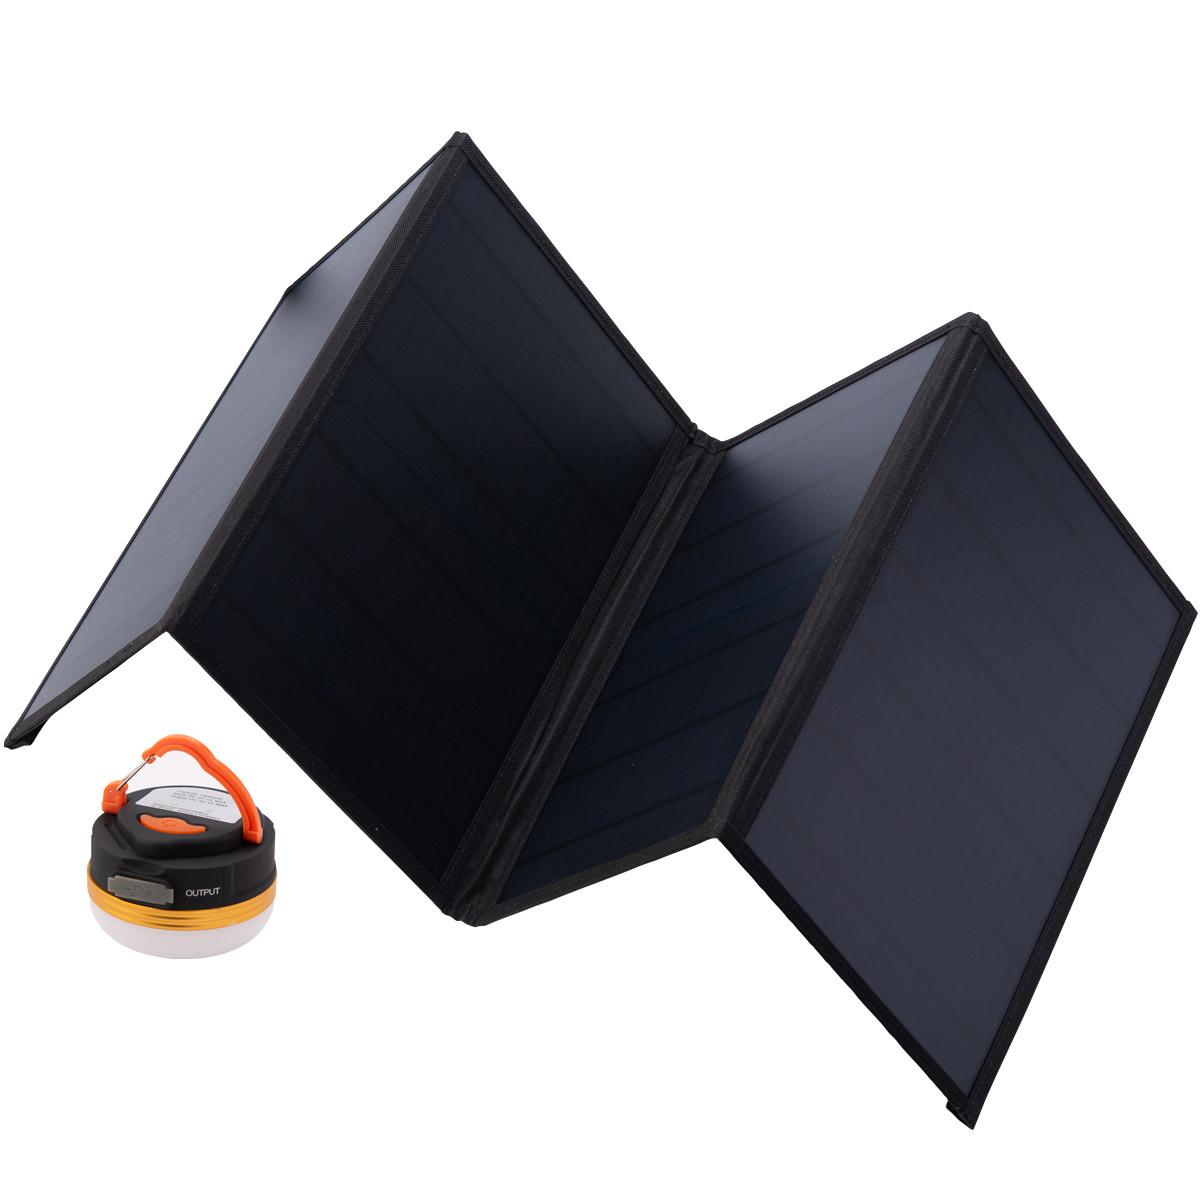 折りたたみ式太陽光パネル ランタン付き 特別セット ソーラーパネル 軽量 コンパクト ミニランタン 防災 太陽電池 E-SAFE SORA